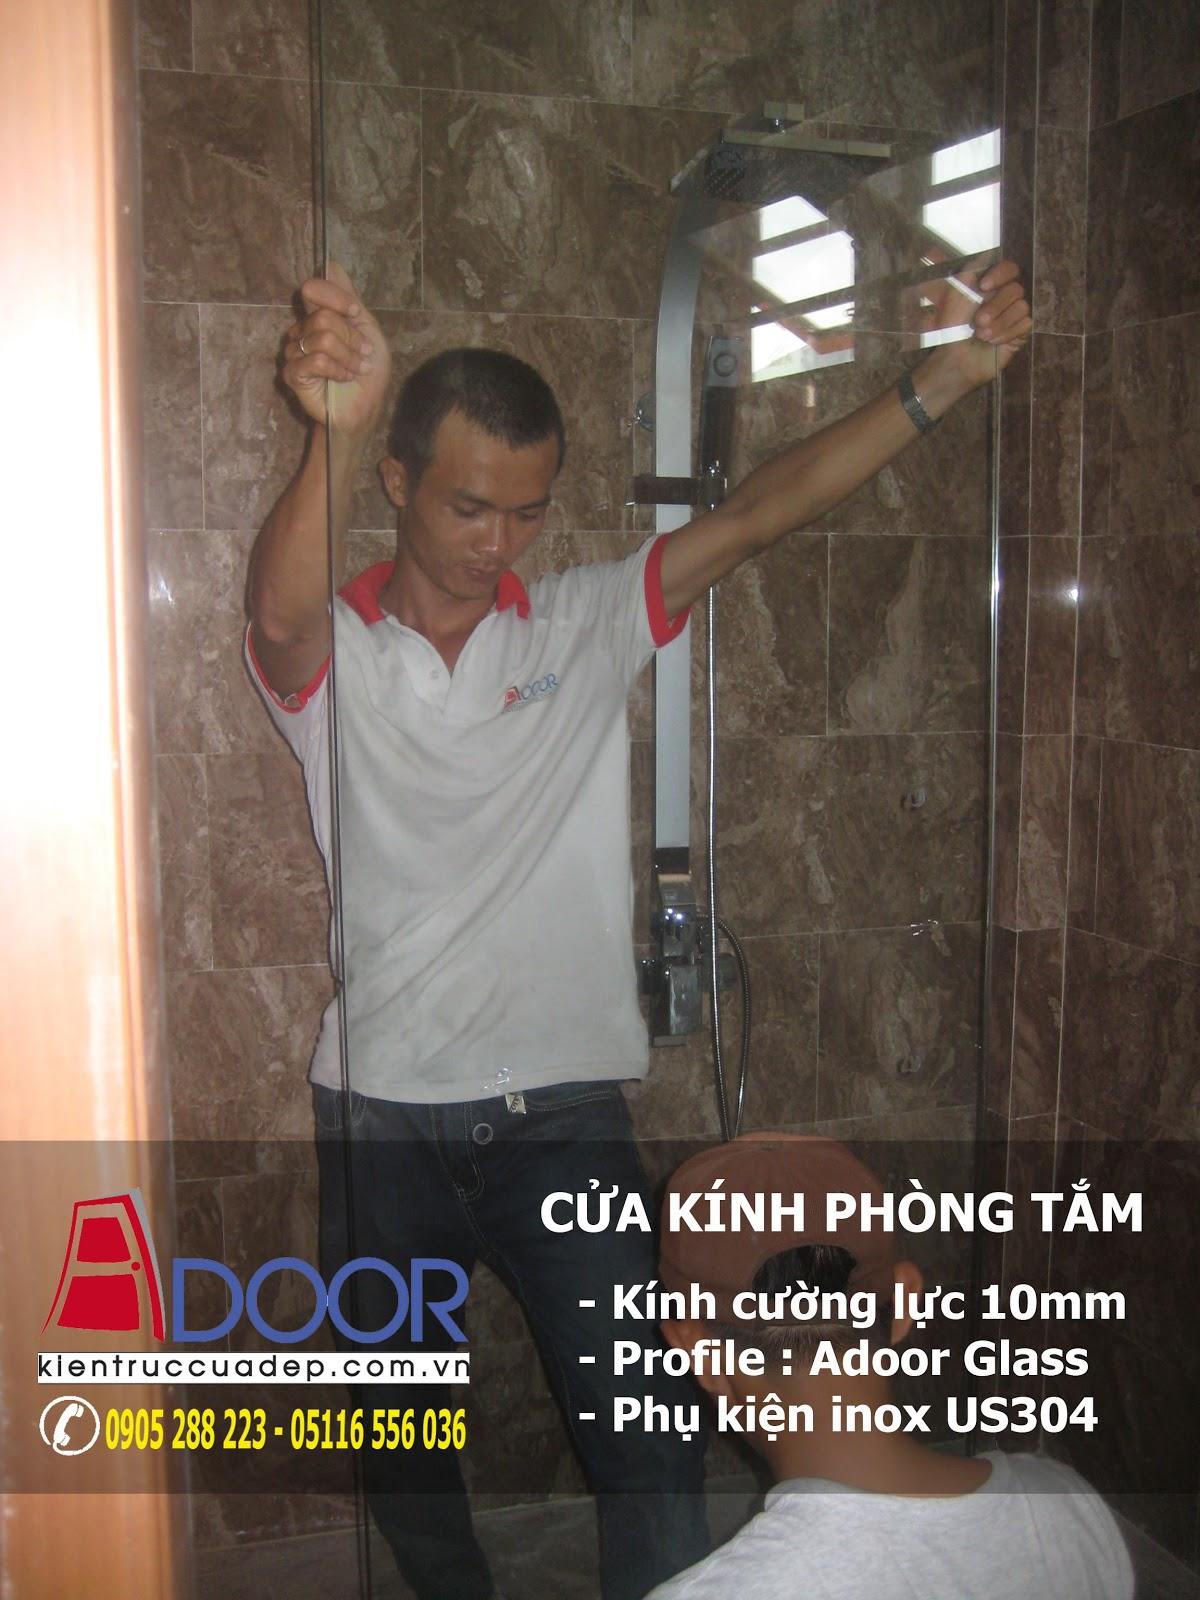 Cửa kính phòng tắm tại Đà Nẵng, cua kinh phong tam tai da nang